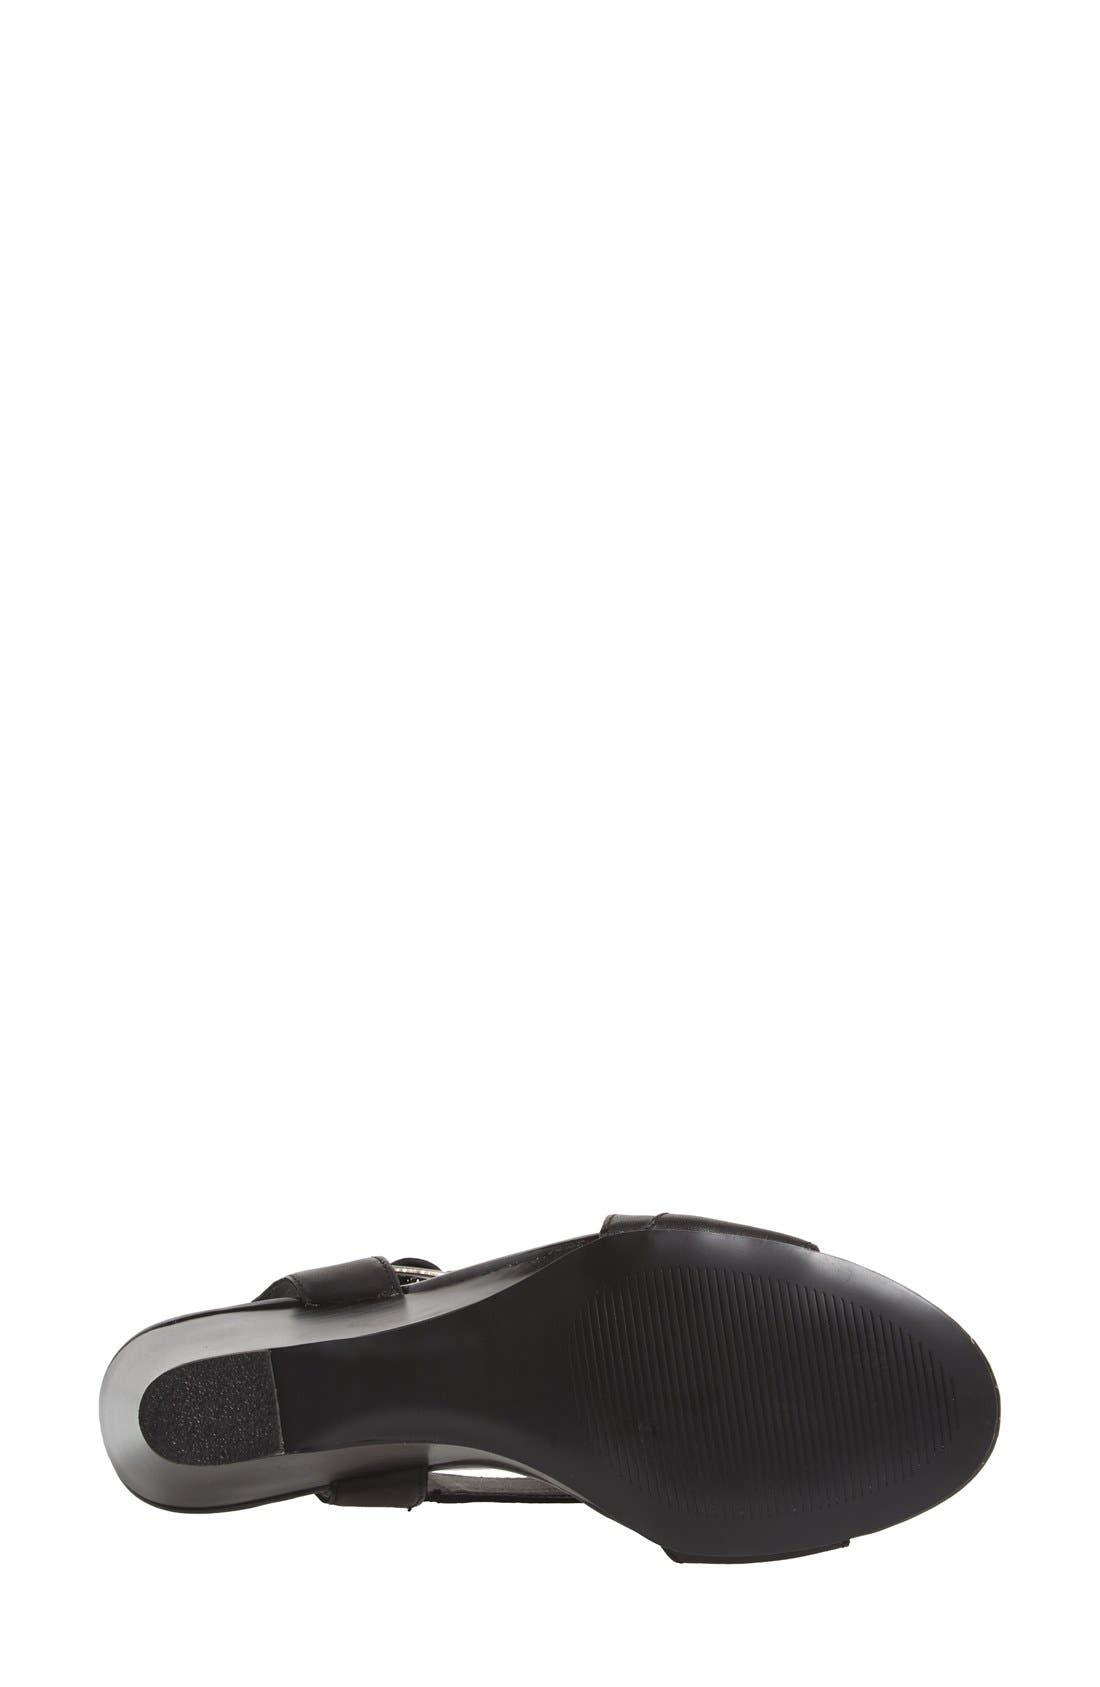 STEVE MADDEN,                             'Stipend' Wedge Leather Sandal,                             Alternate thumbnail 4, color,                             001